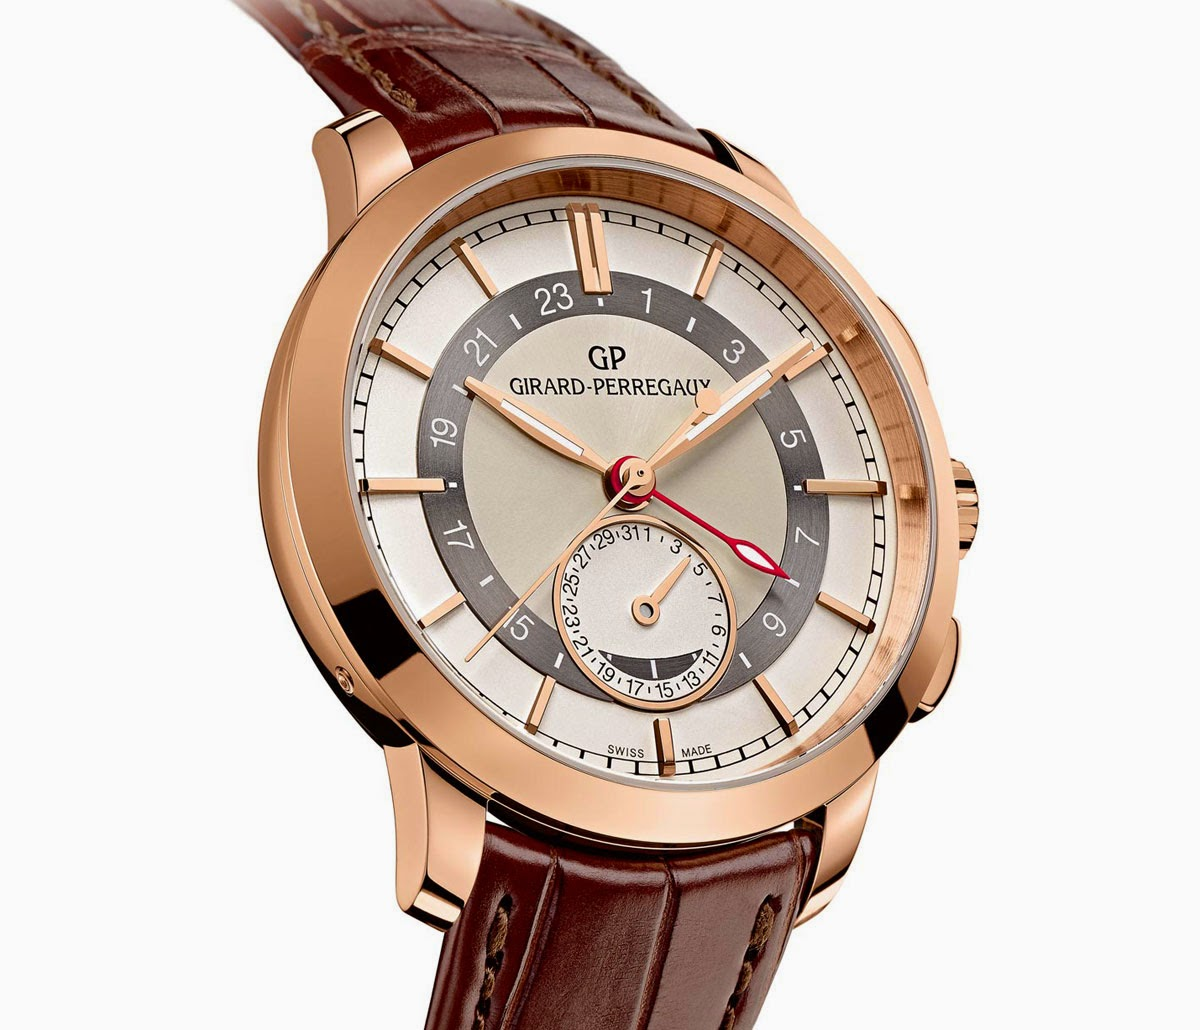 Girard-Perregaux - 1966 Dual Time